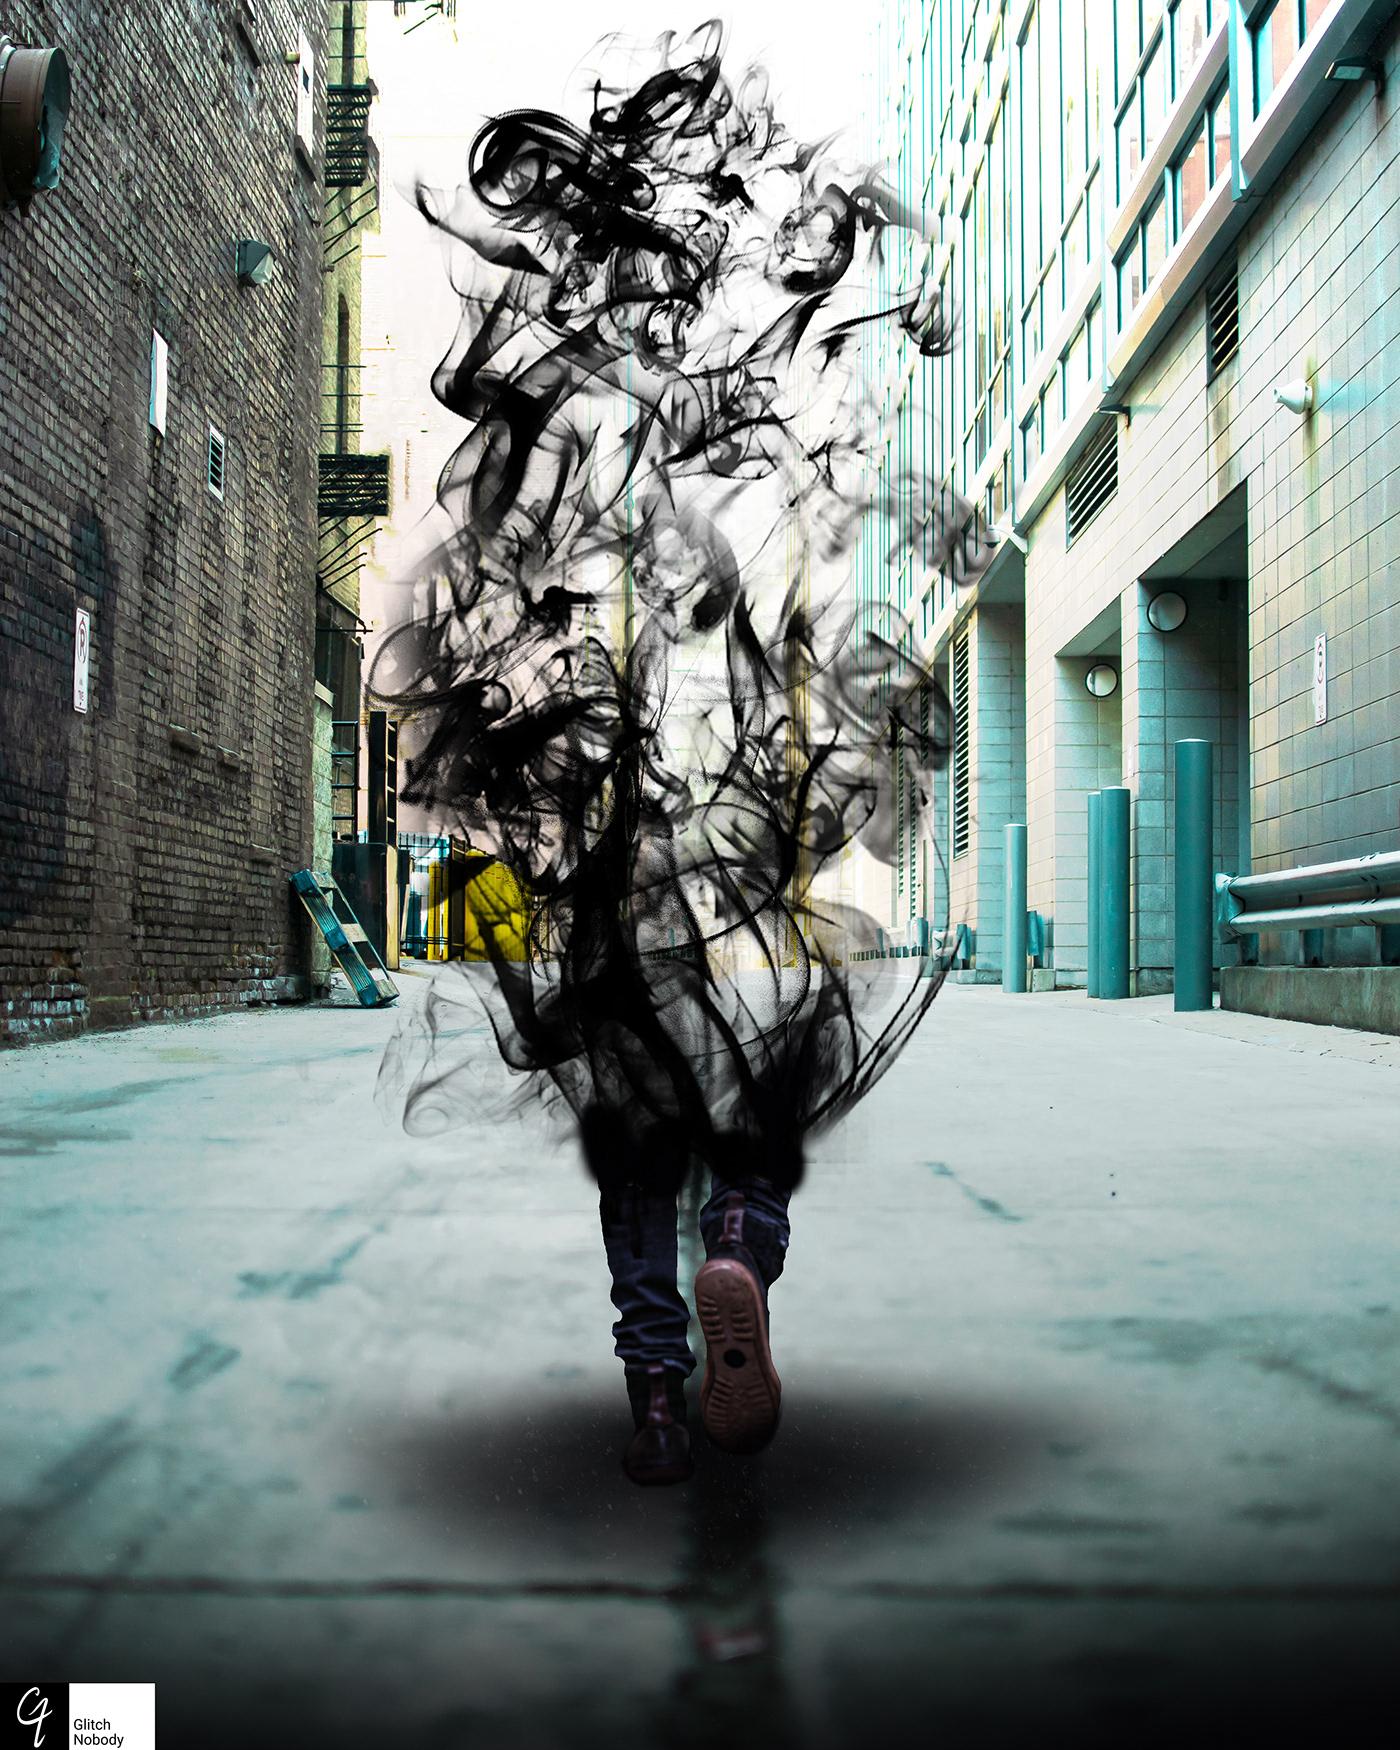 glitchnobody photoshop poster